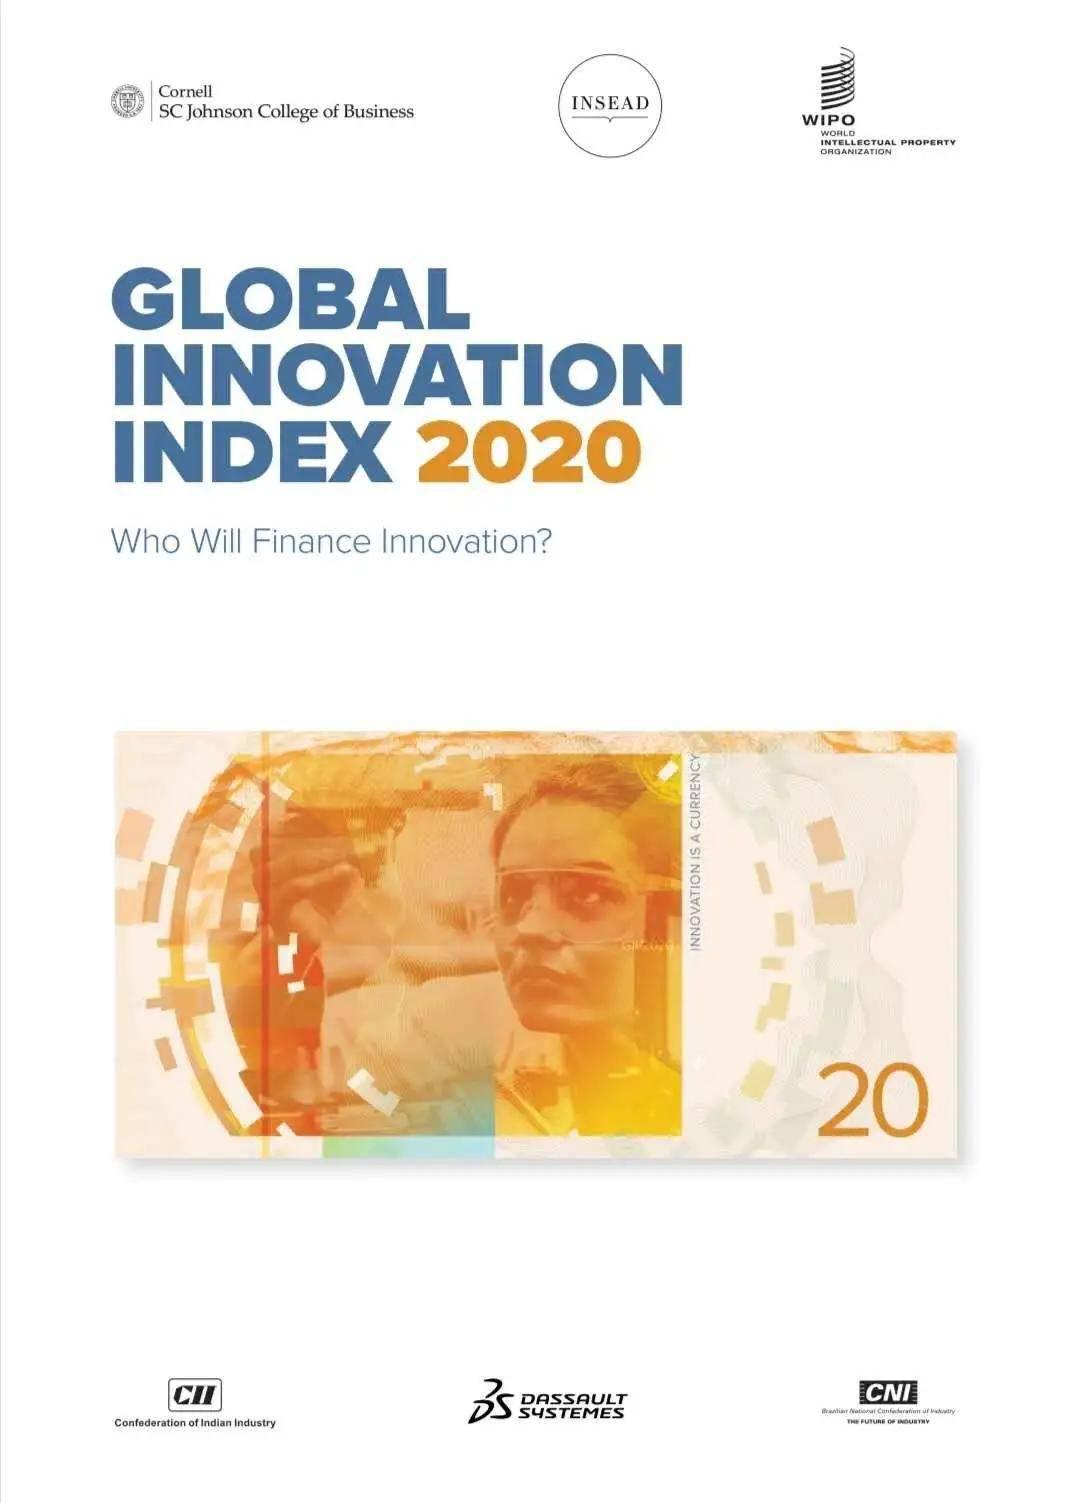 世界知识产权组织等发布《2020年全球创新指数报告》